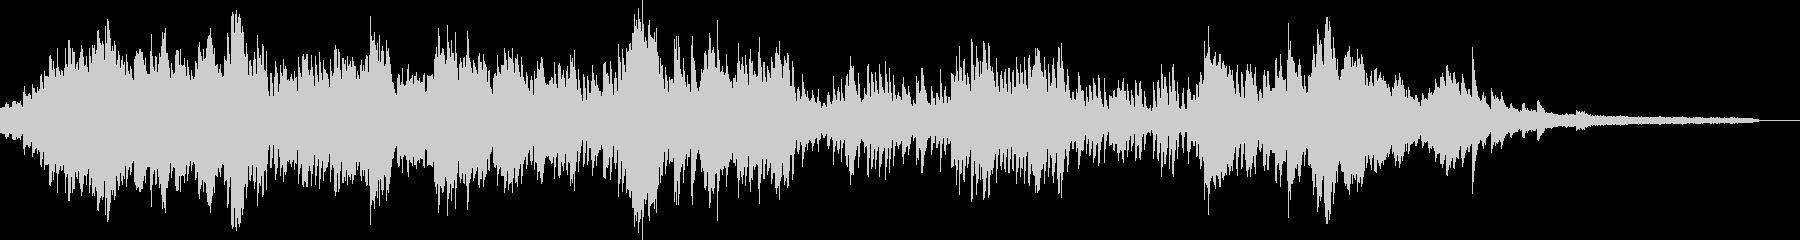 ショパンのプレリュードOp28のNo23の未再生の波形